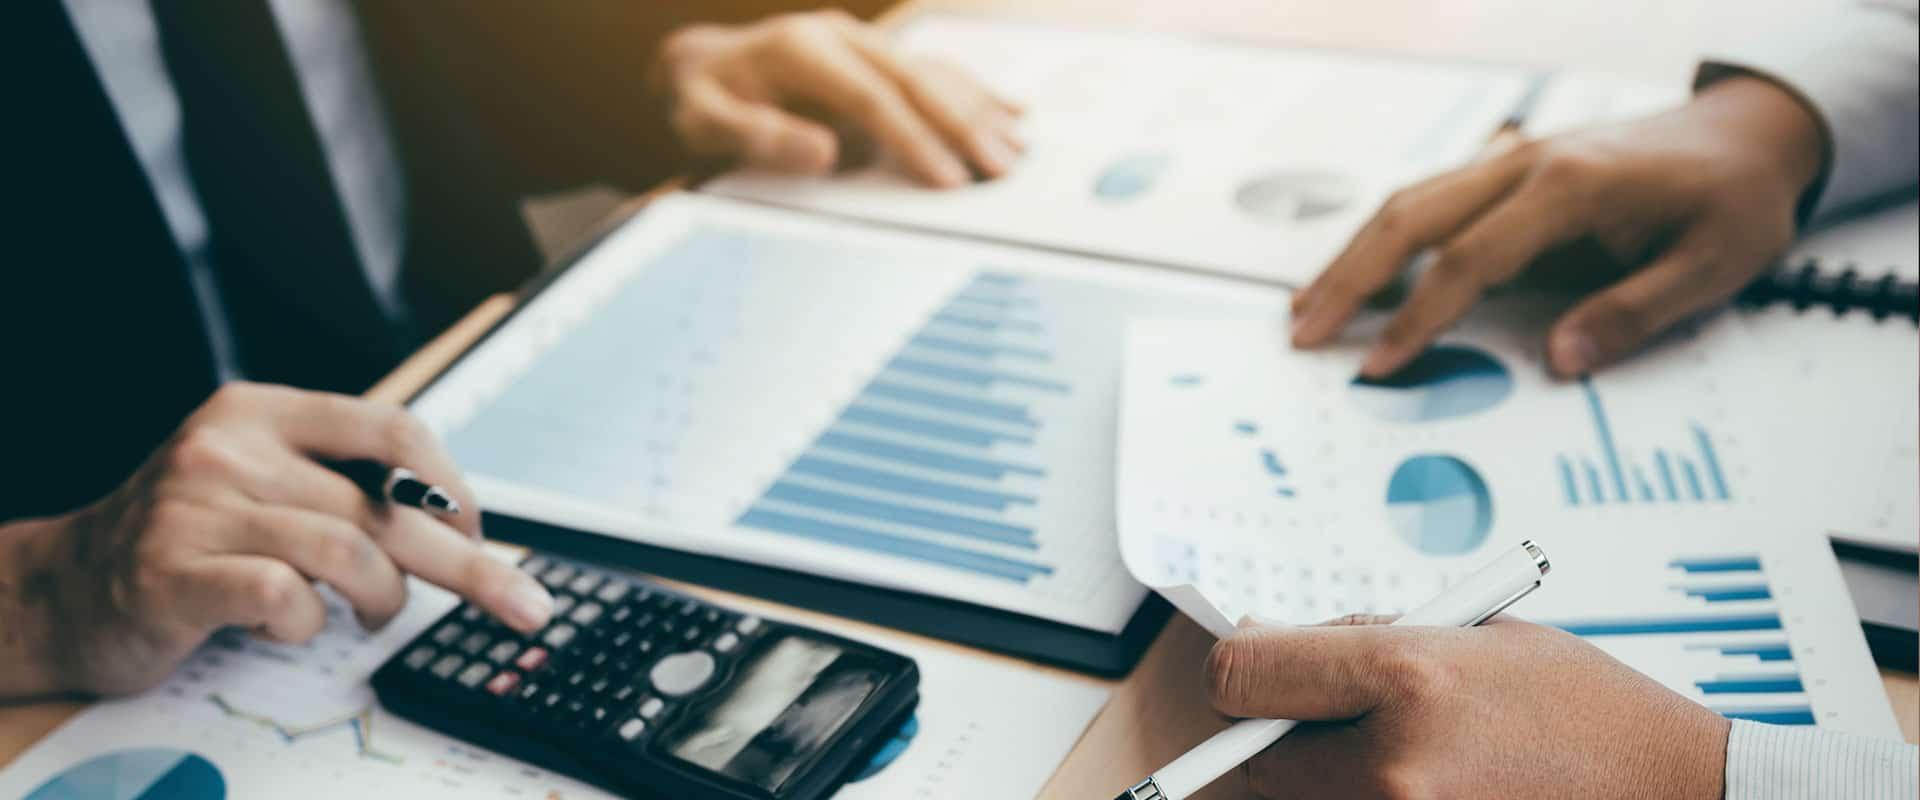 Firmenmandate Steuererklärung und Jahresabschlüsse Hansmann + Partner Steuerberatung Haslach im Kinzigtal